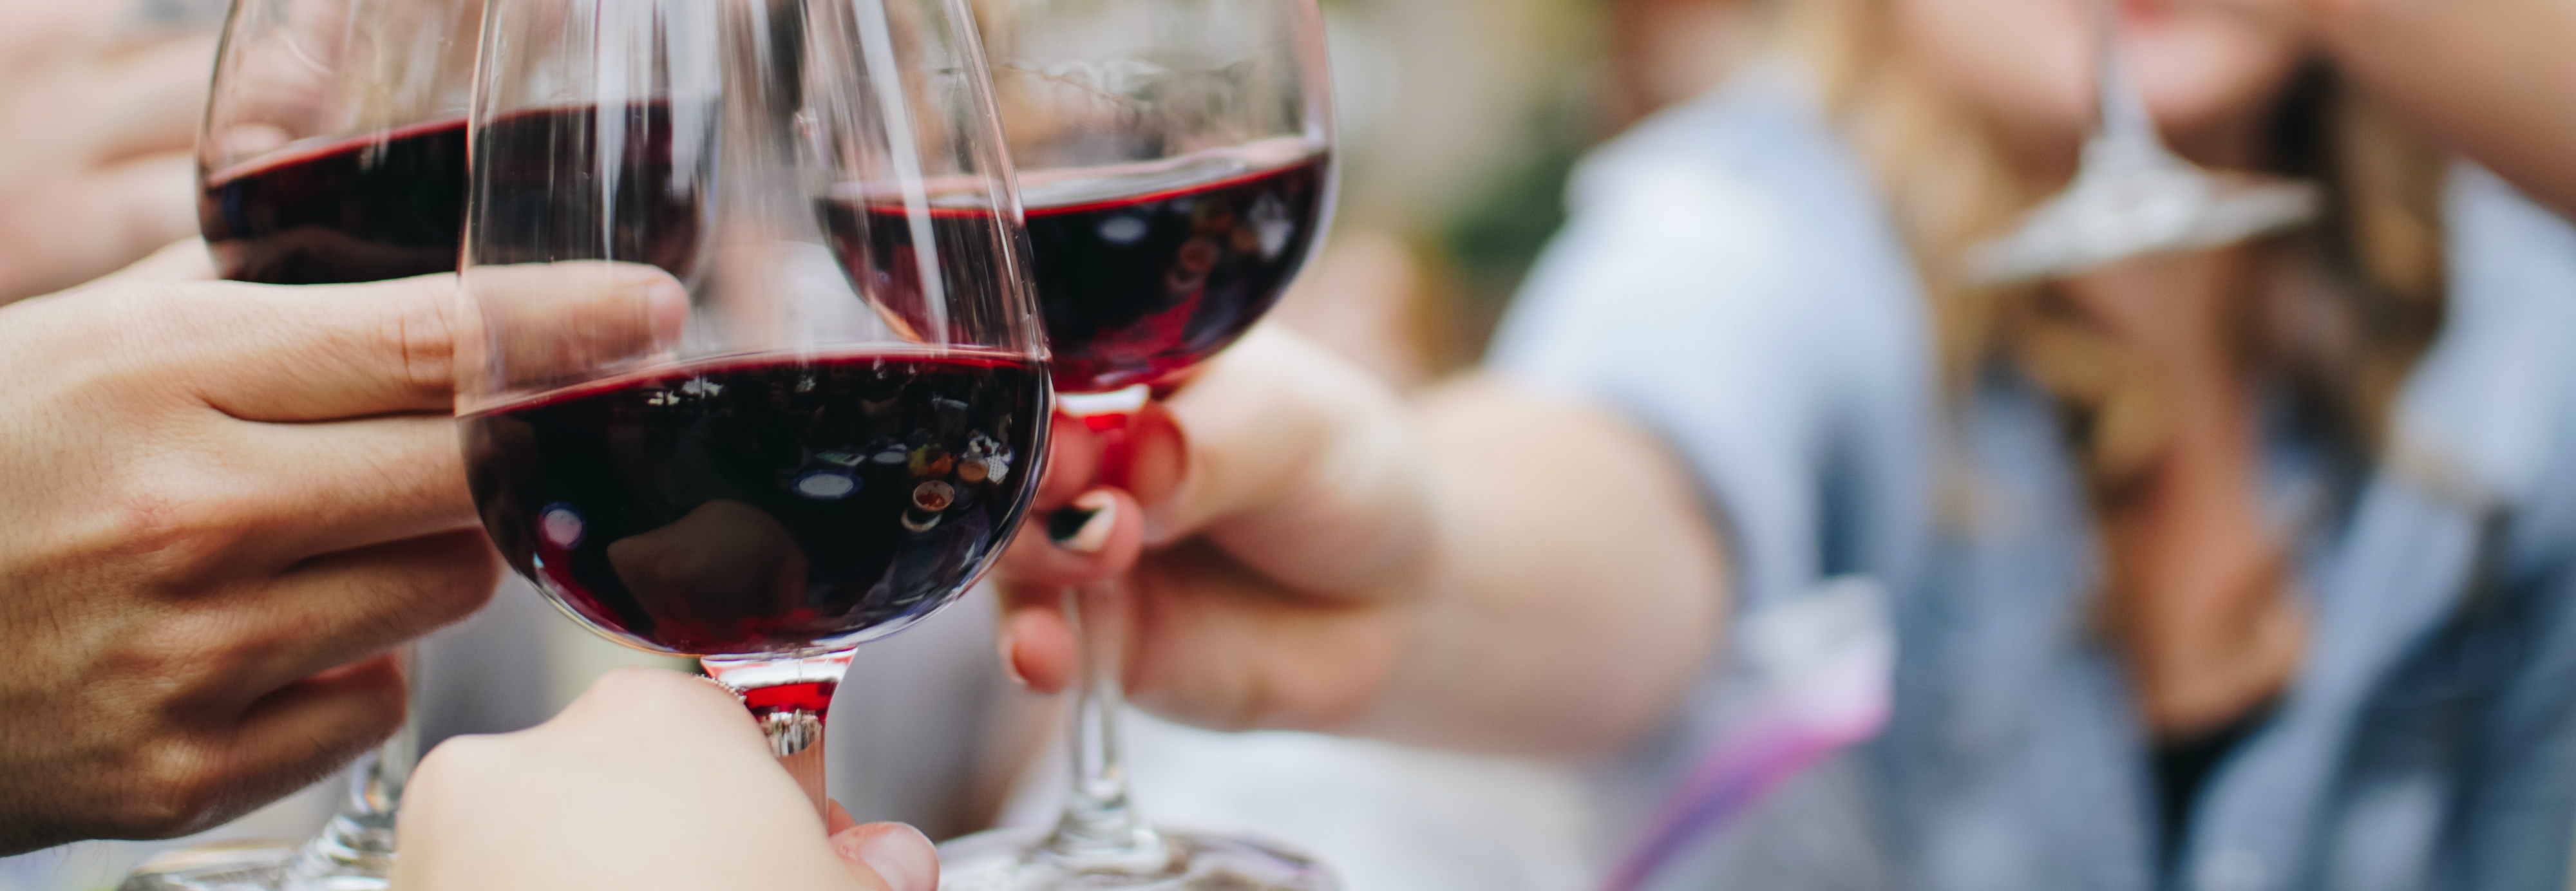 Un consumo moderado de alcohol, podría ayudarnos a vivir más años